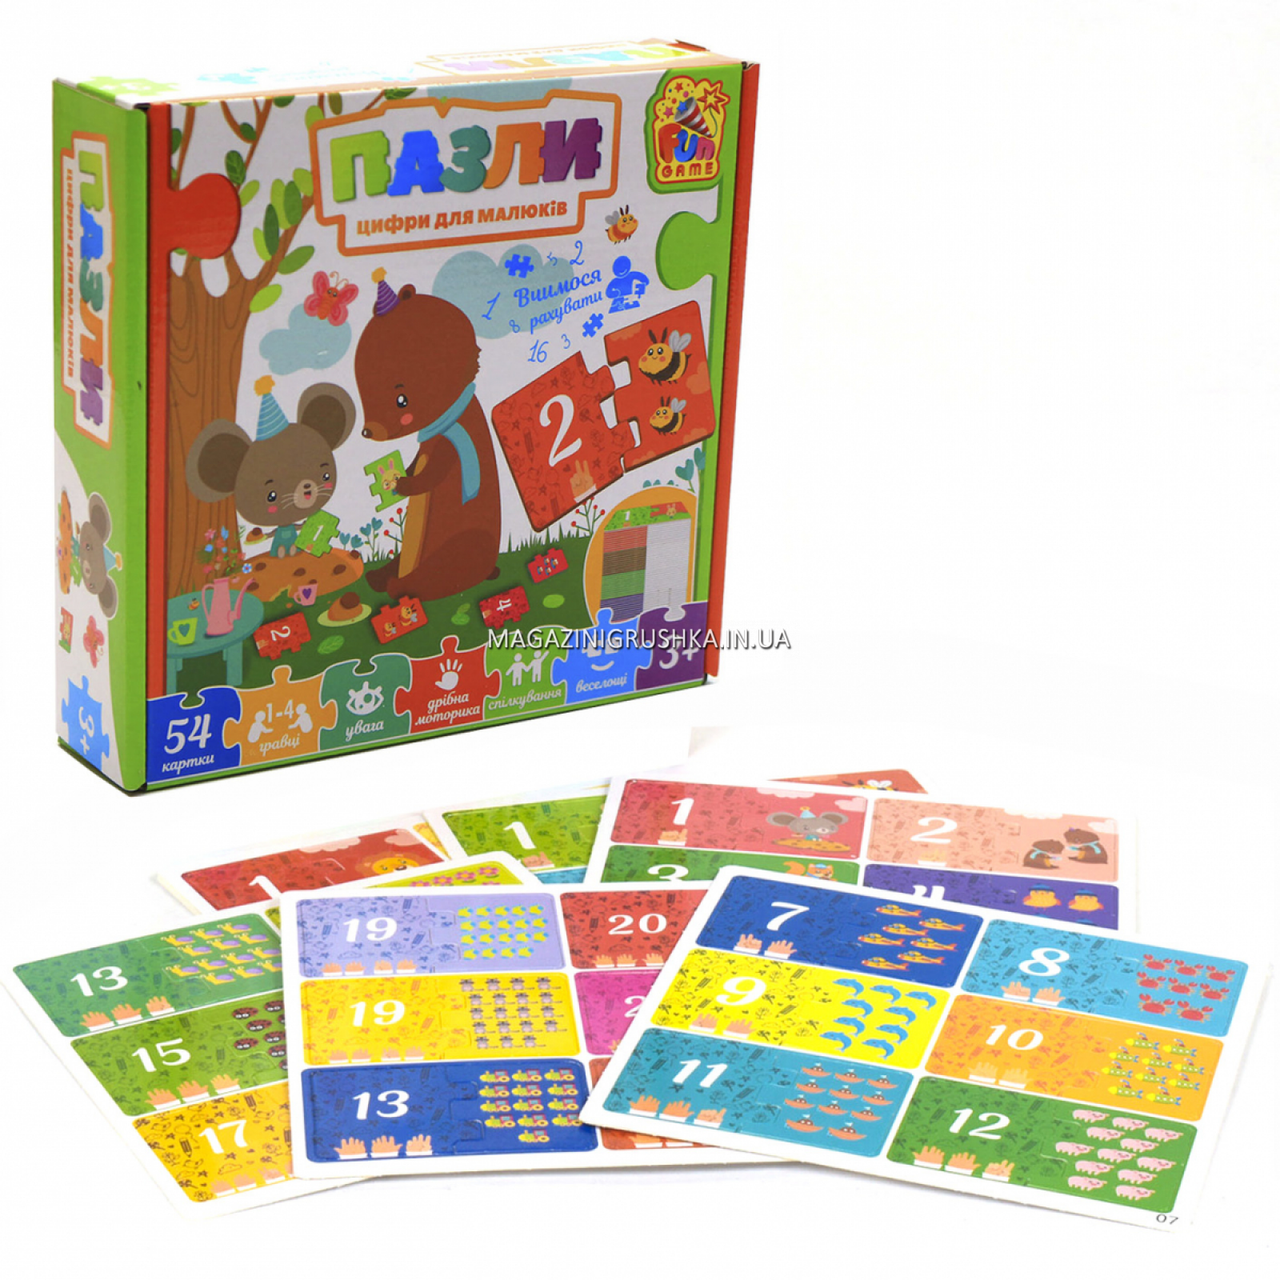 Настільна гра Fun Game «Пазли. Цифри для малюків», 54 картки, 3+ (64575)